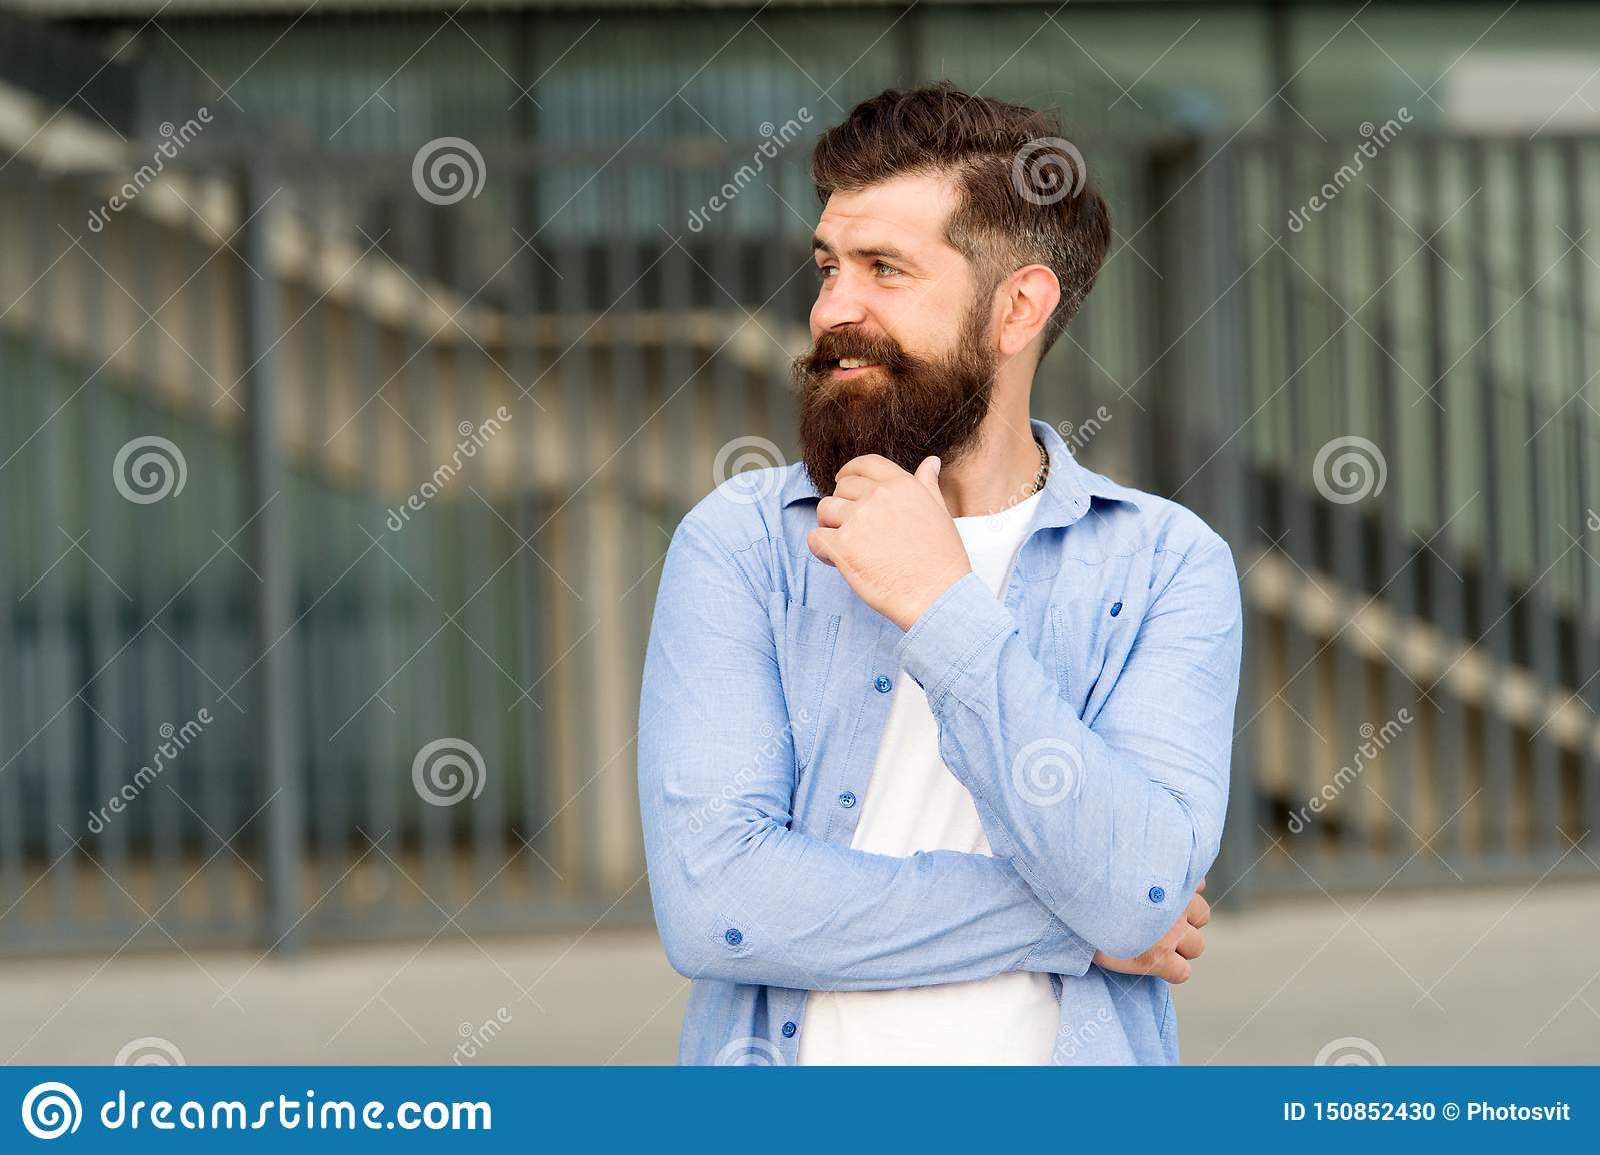 Vad ?r p? hans mening Eftertänksam hipster som tänker angenäma tankar Bakgrund för skäggig hipster för man stads- Stamgästen går